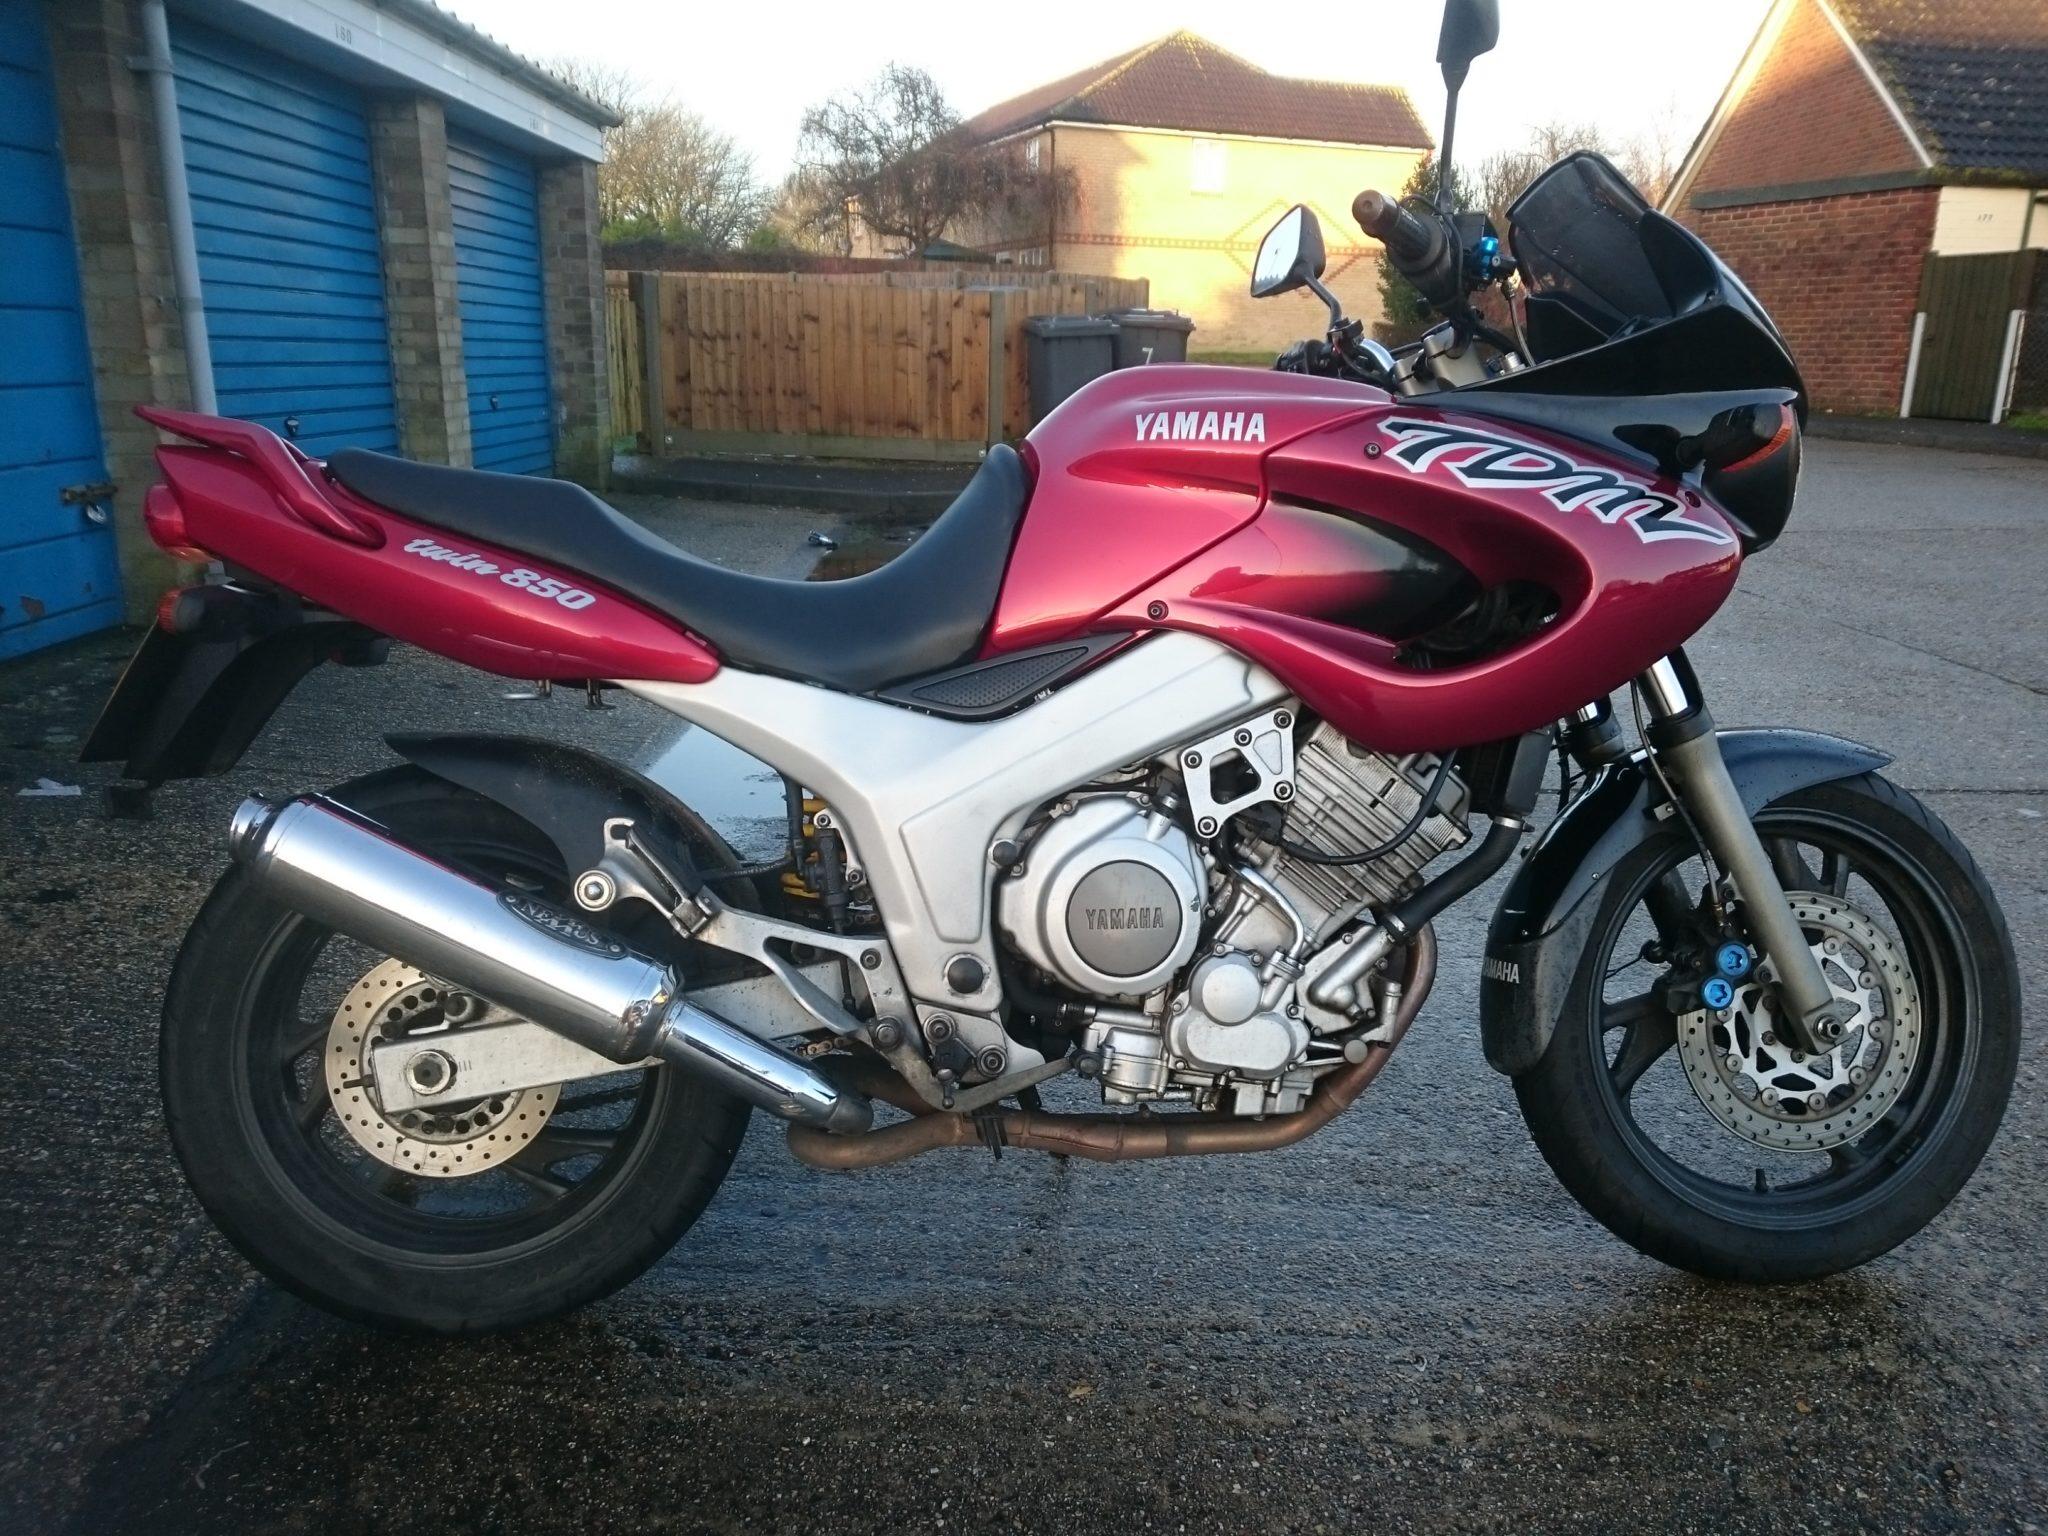 Simon O'Brien – Yamaha TDM850